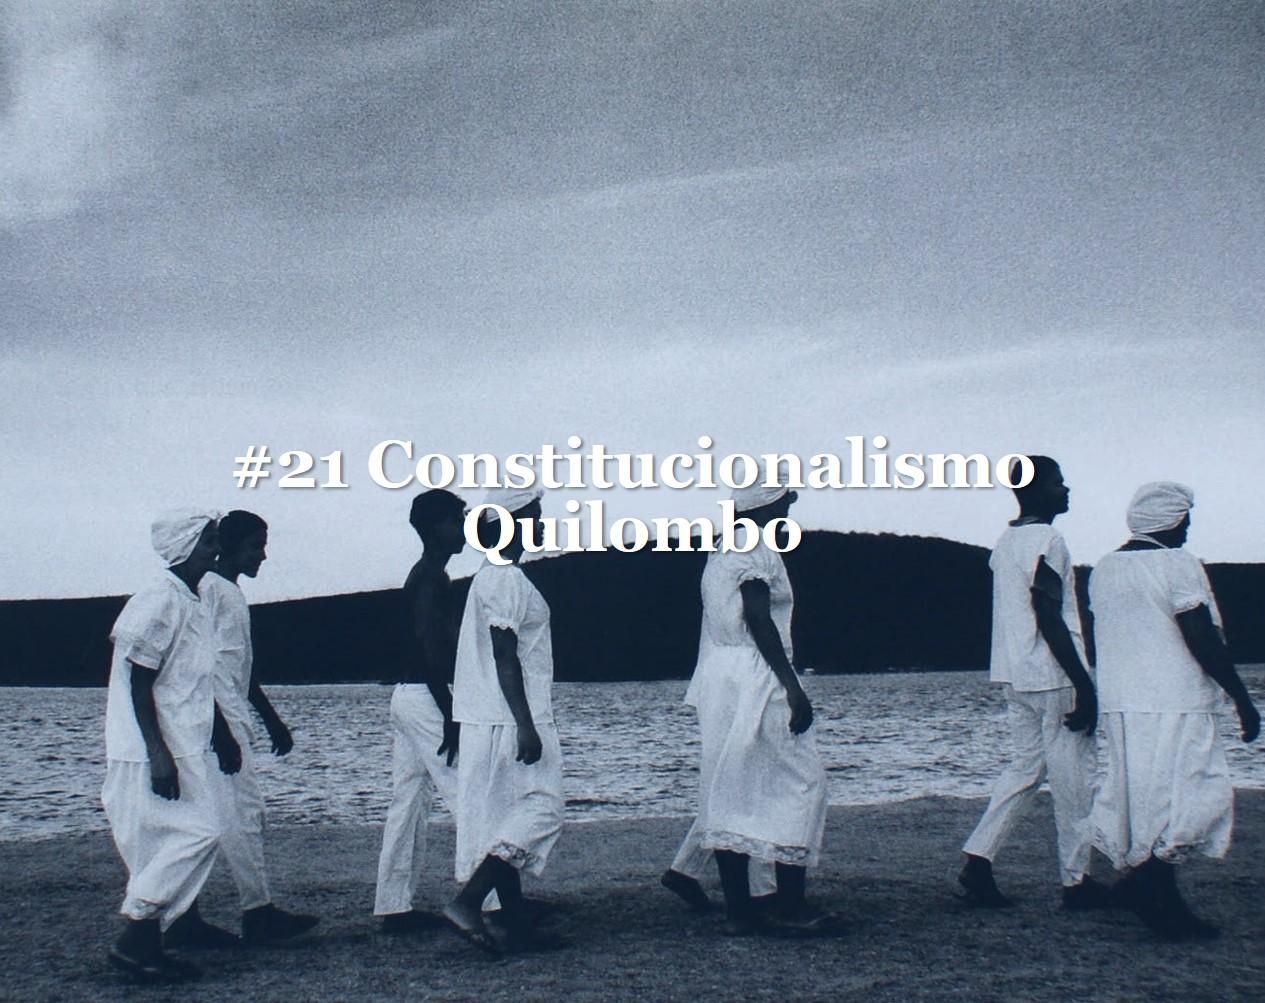 #21 - Constitucionalismo e quilombo site